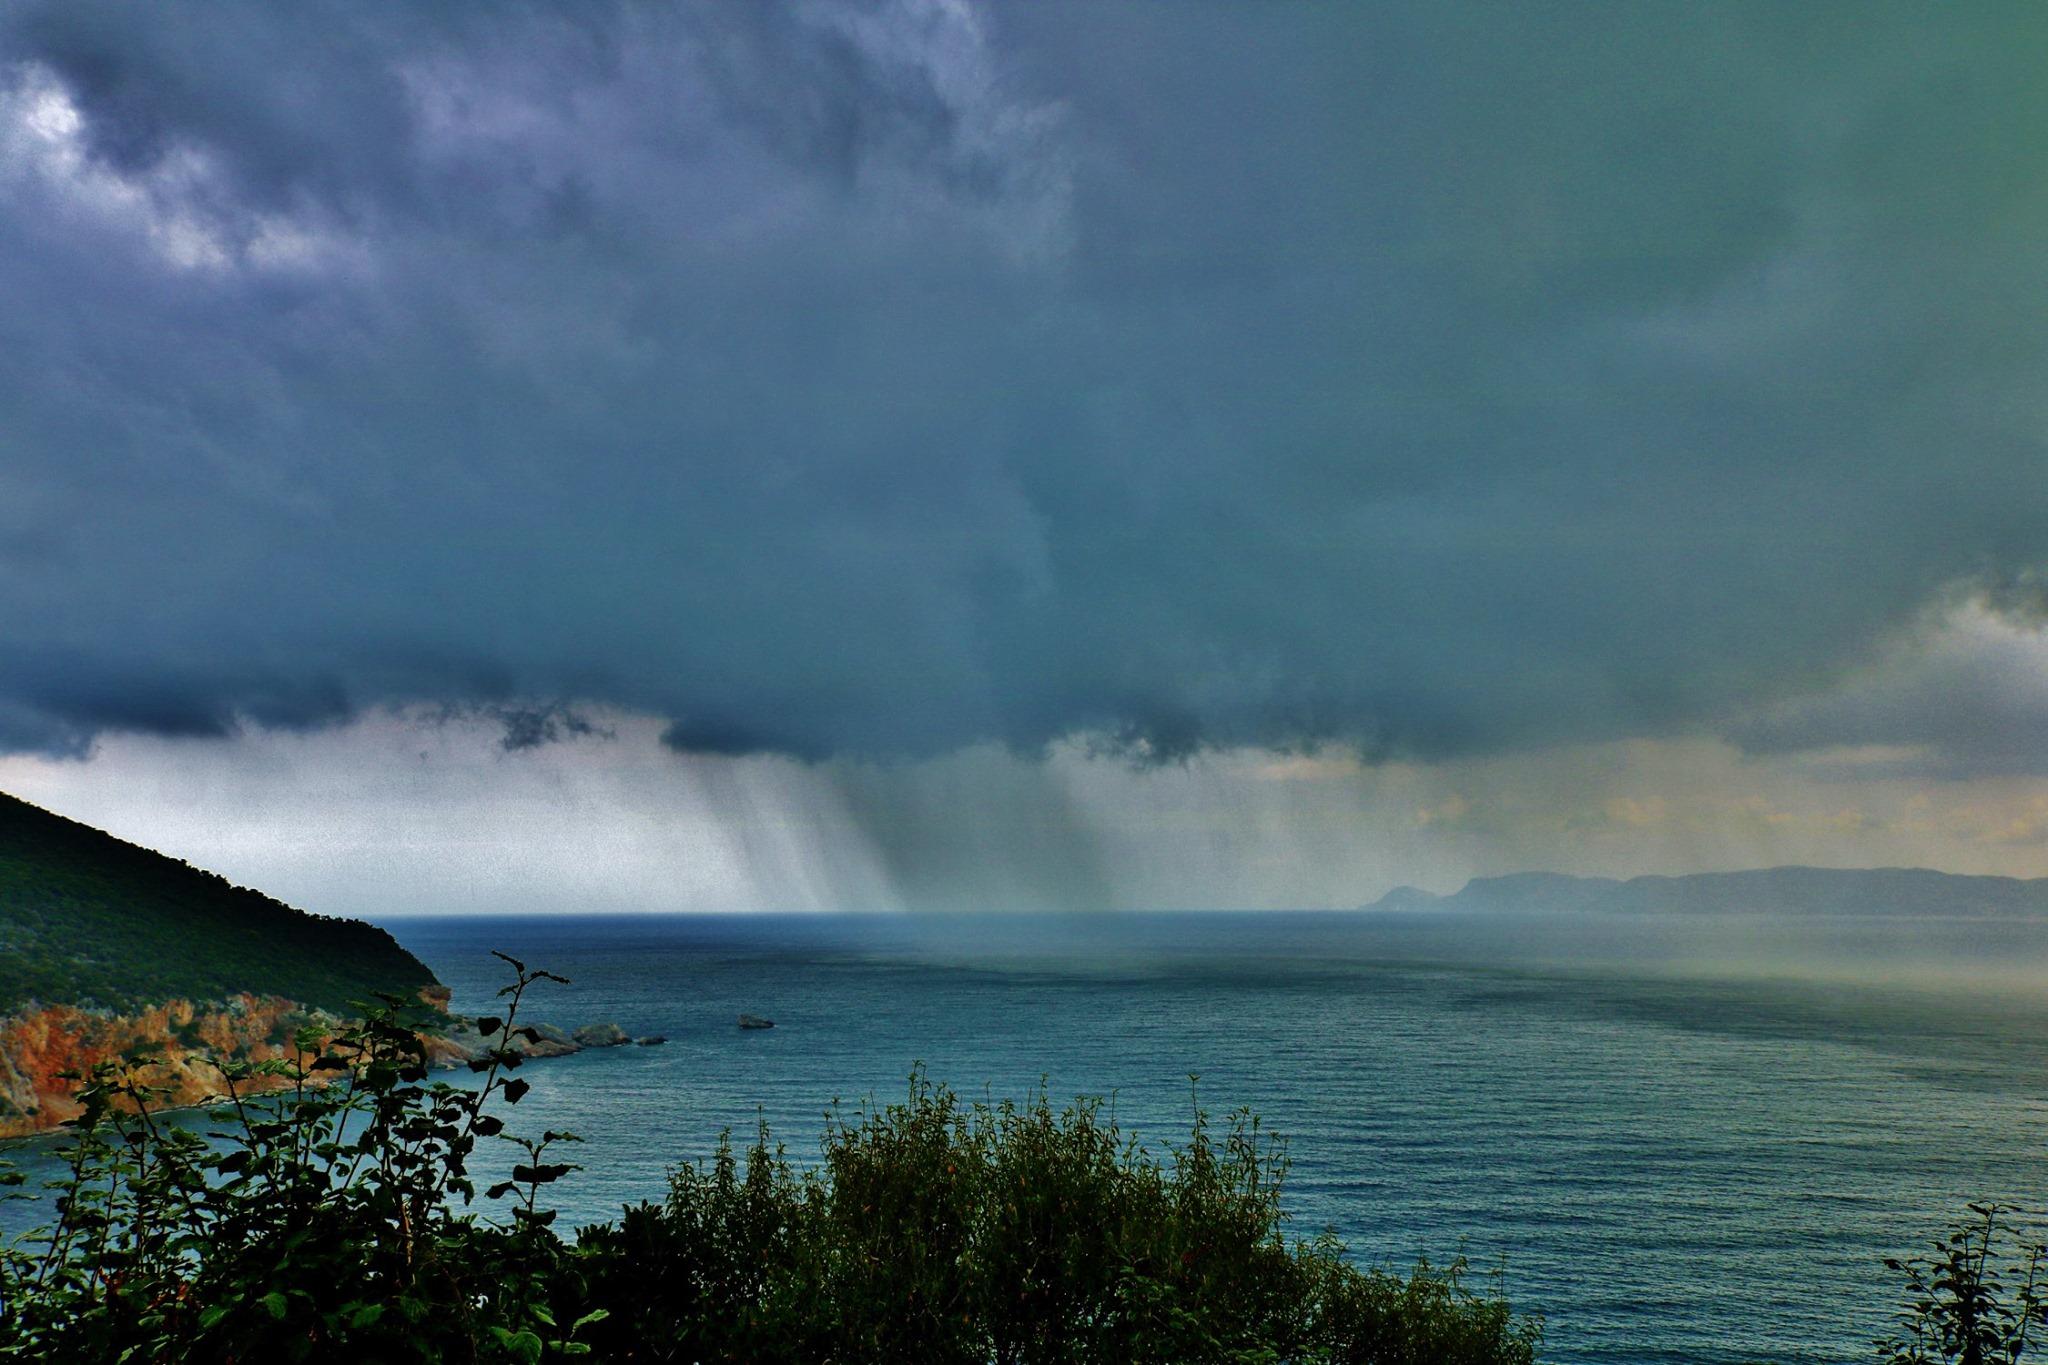 Πρόγνωση Θεσσαλίας και Σποράδων 30/8-1/9/21 Άστατος στην ανατολική Θεσσαλία, βελτιωμένος στην υπόλοιπη (+χάρτης βροχής)